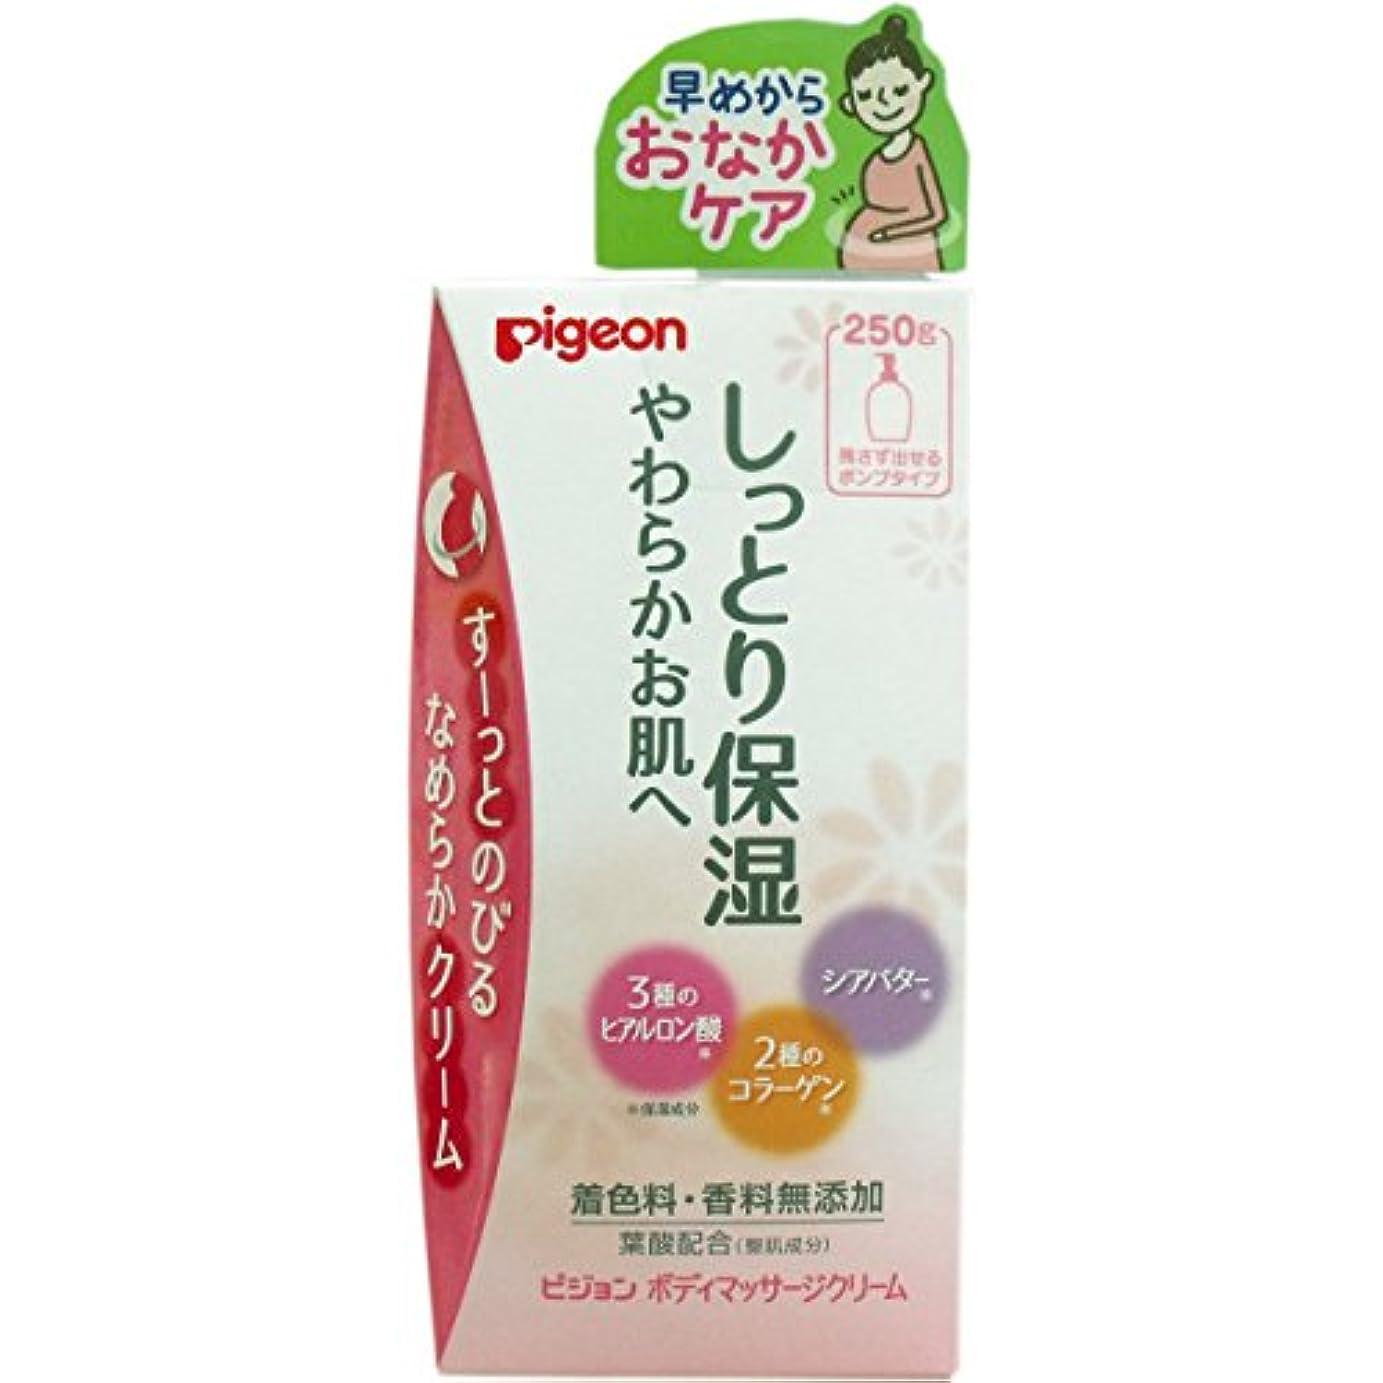 マチュピチュ不忠マキシムピジョン ボディマッサージクリーム 250g ×10個セット